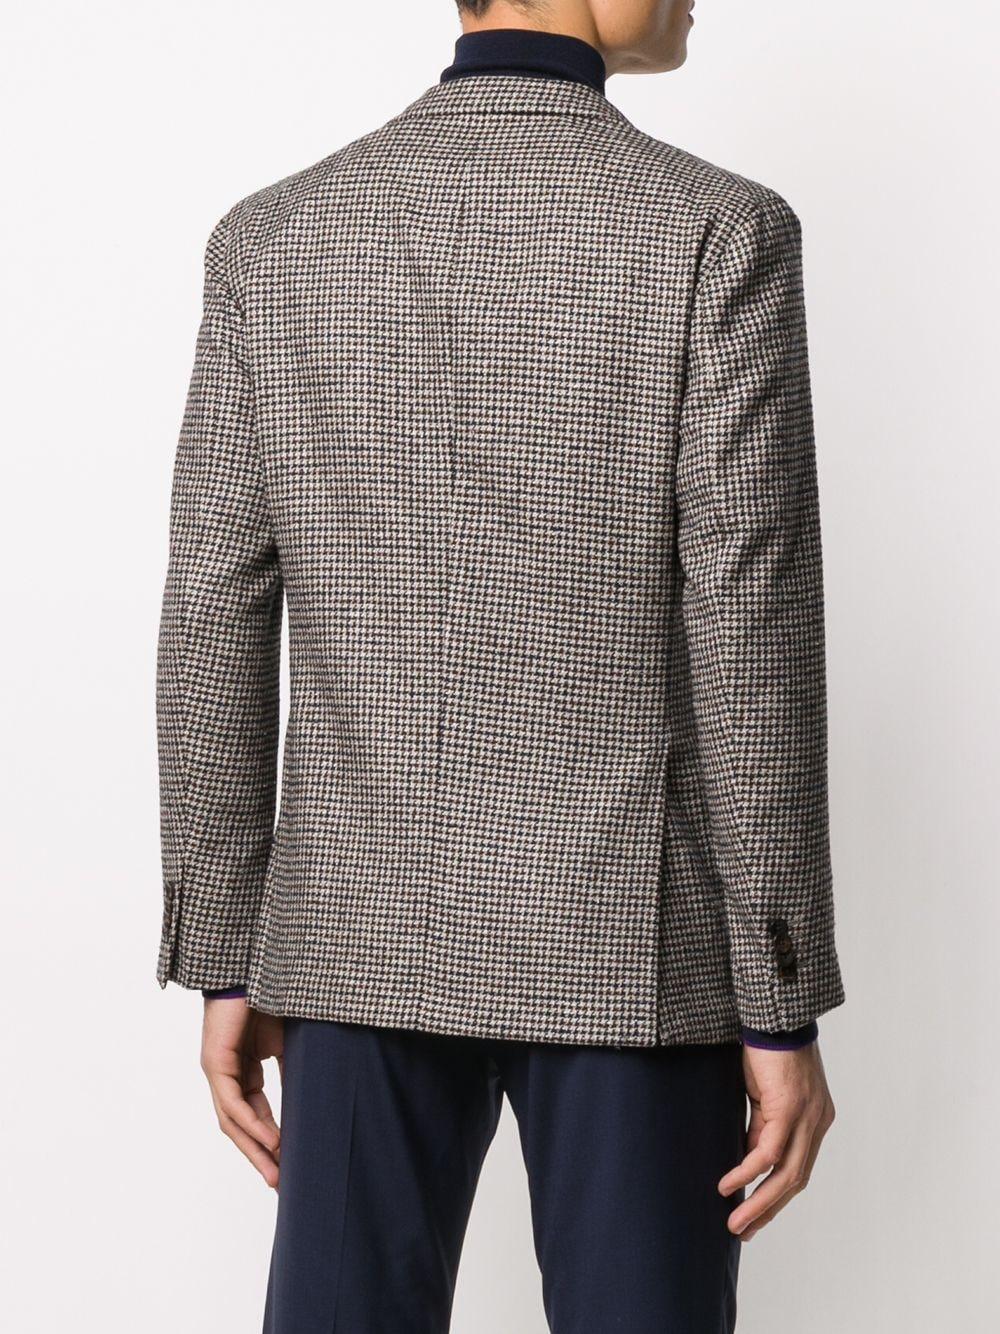 Giacca marrone in lana vergine, cashmere e seta con stampa pied de poule BOGLIOLI | Giacche | BSC036-0291291